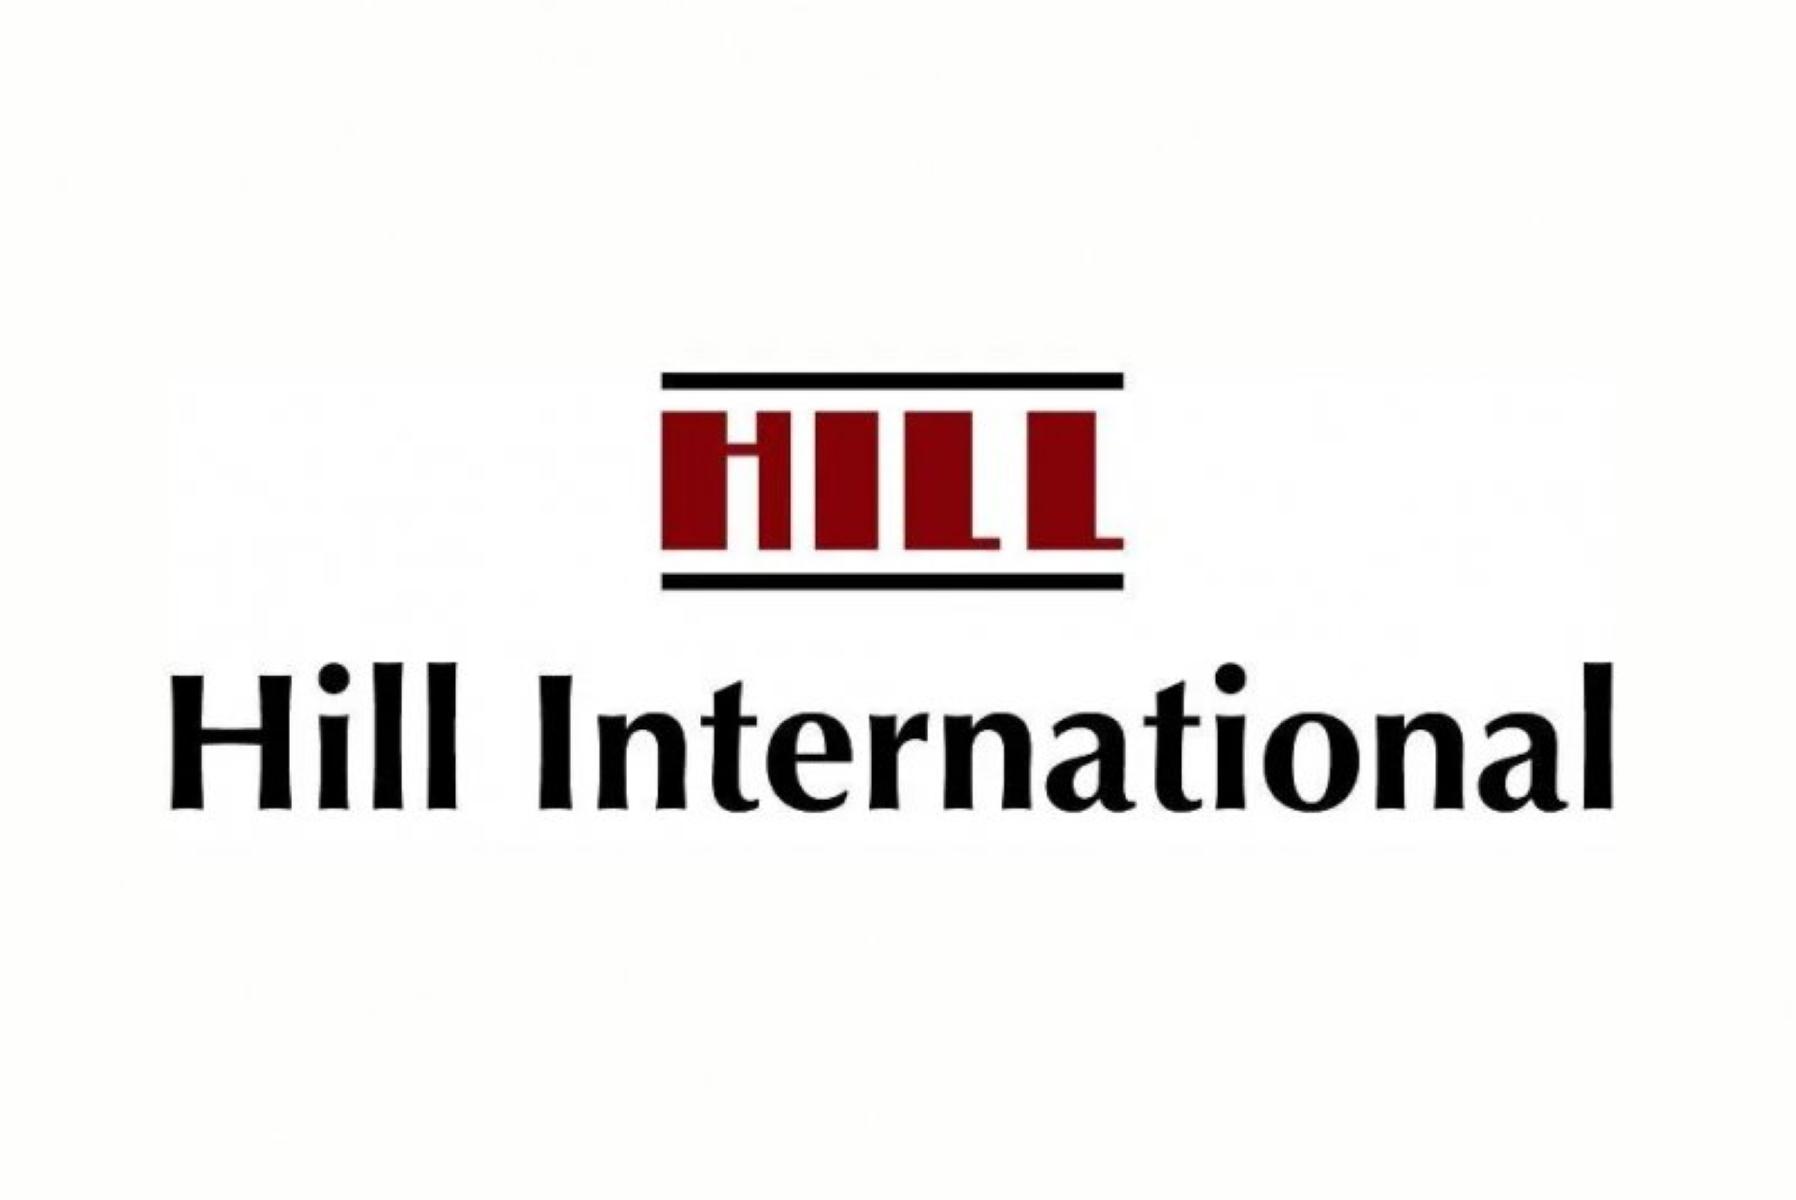 Η Hill International σύμβουλος της Lamda Development στο Μητροπολιτικό Πάρκο Ελληνικού